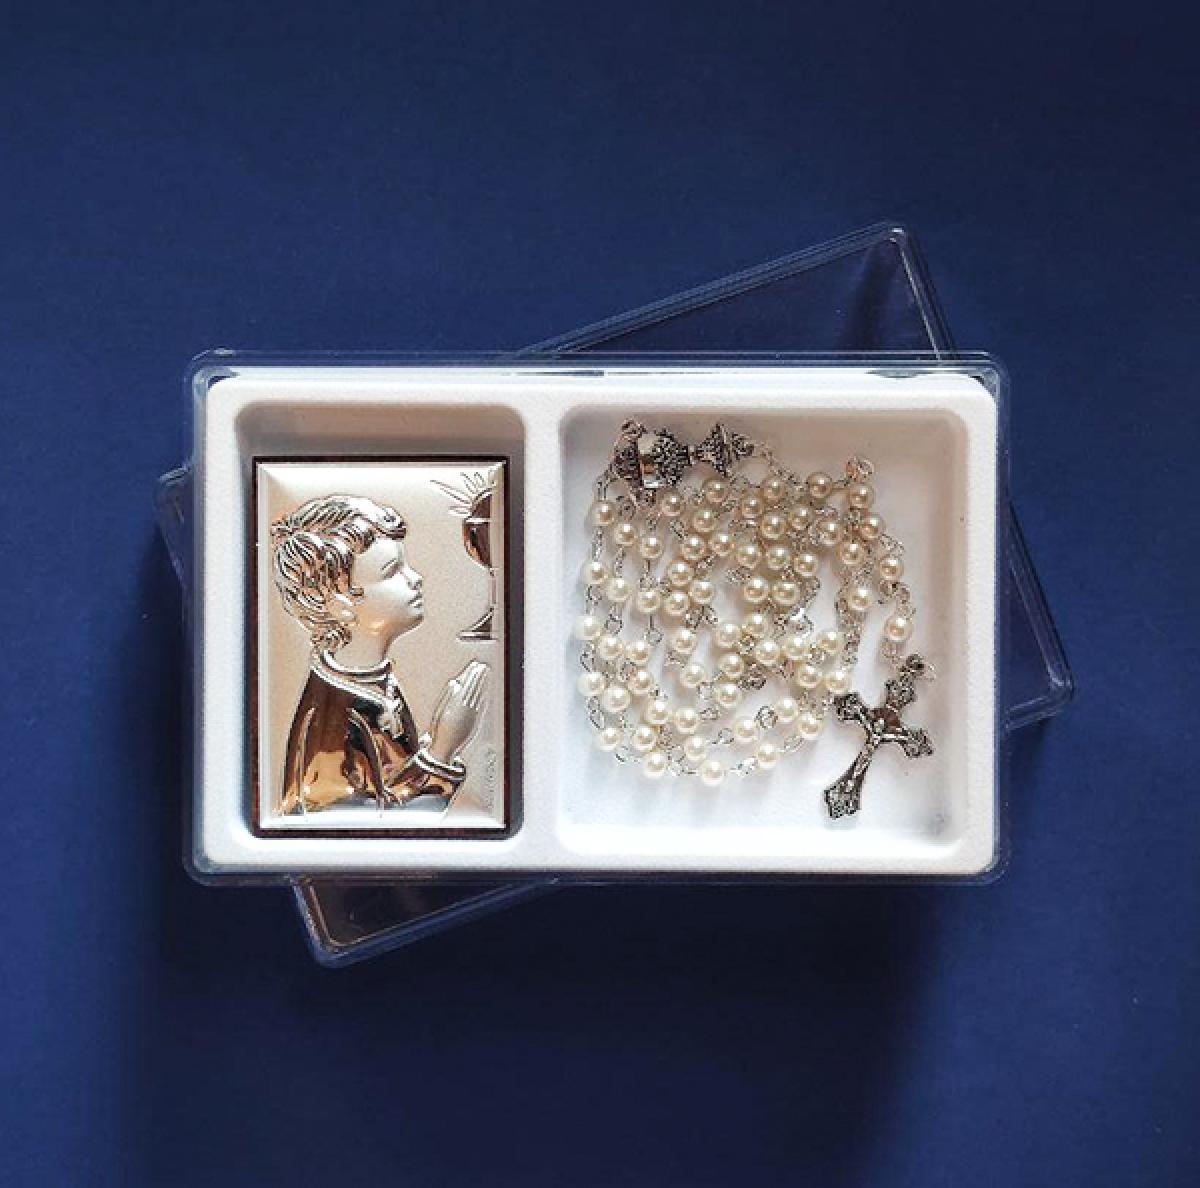 Подарунковий набір до свята Першої сповіді для хлопчика: срібний образ та вервиця